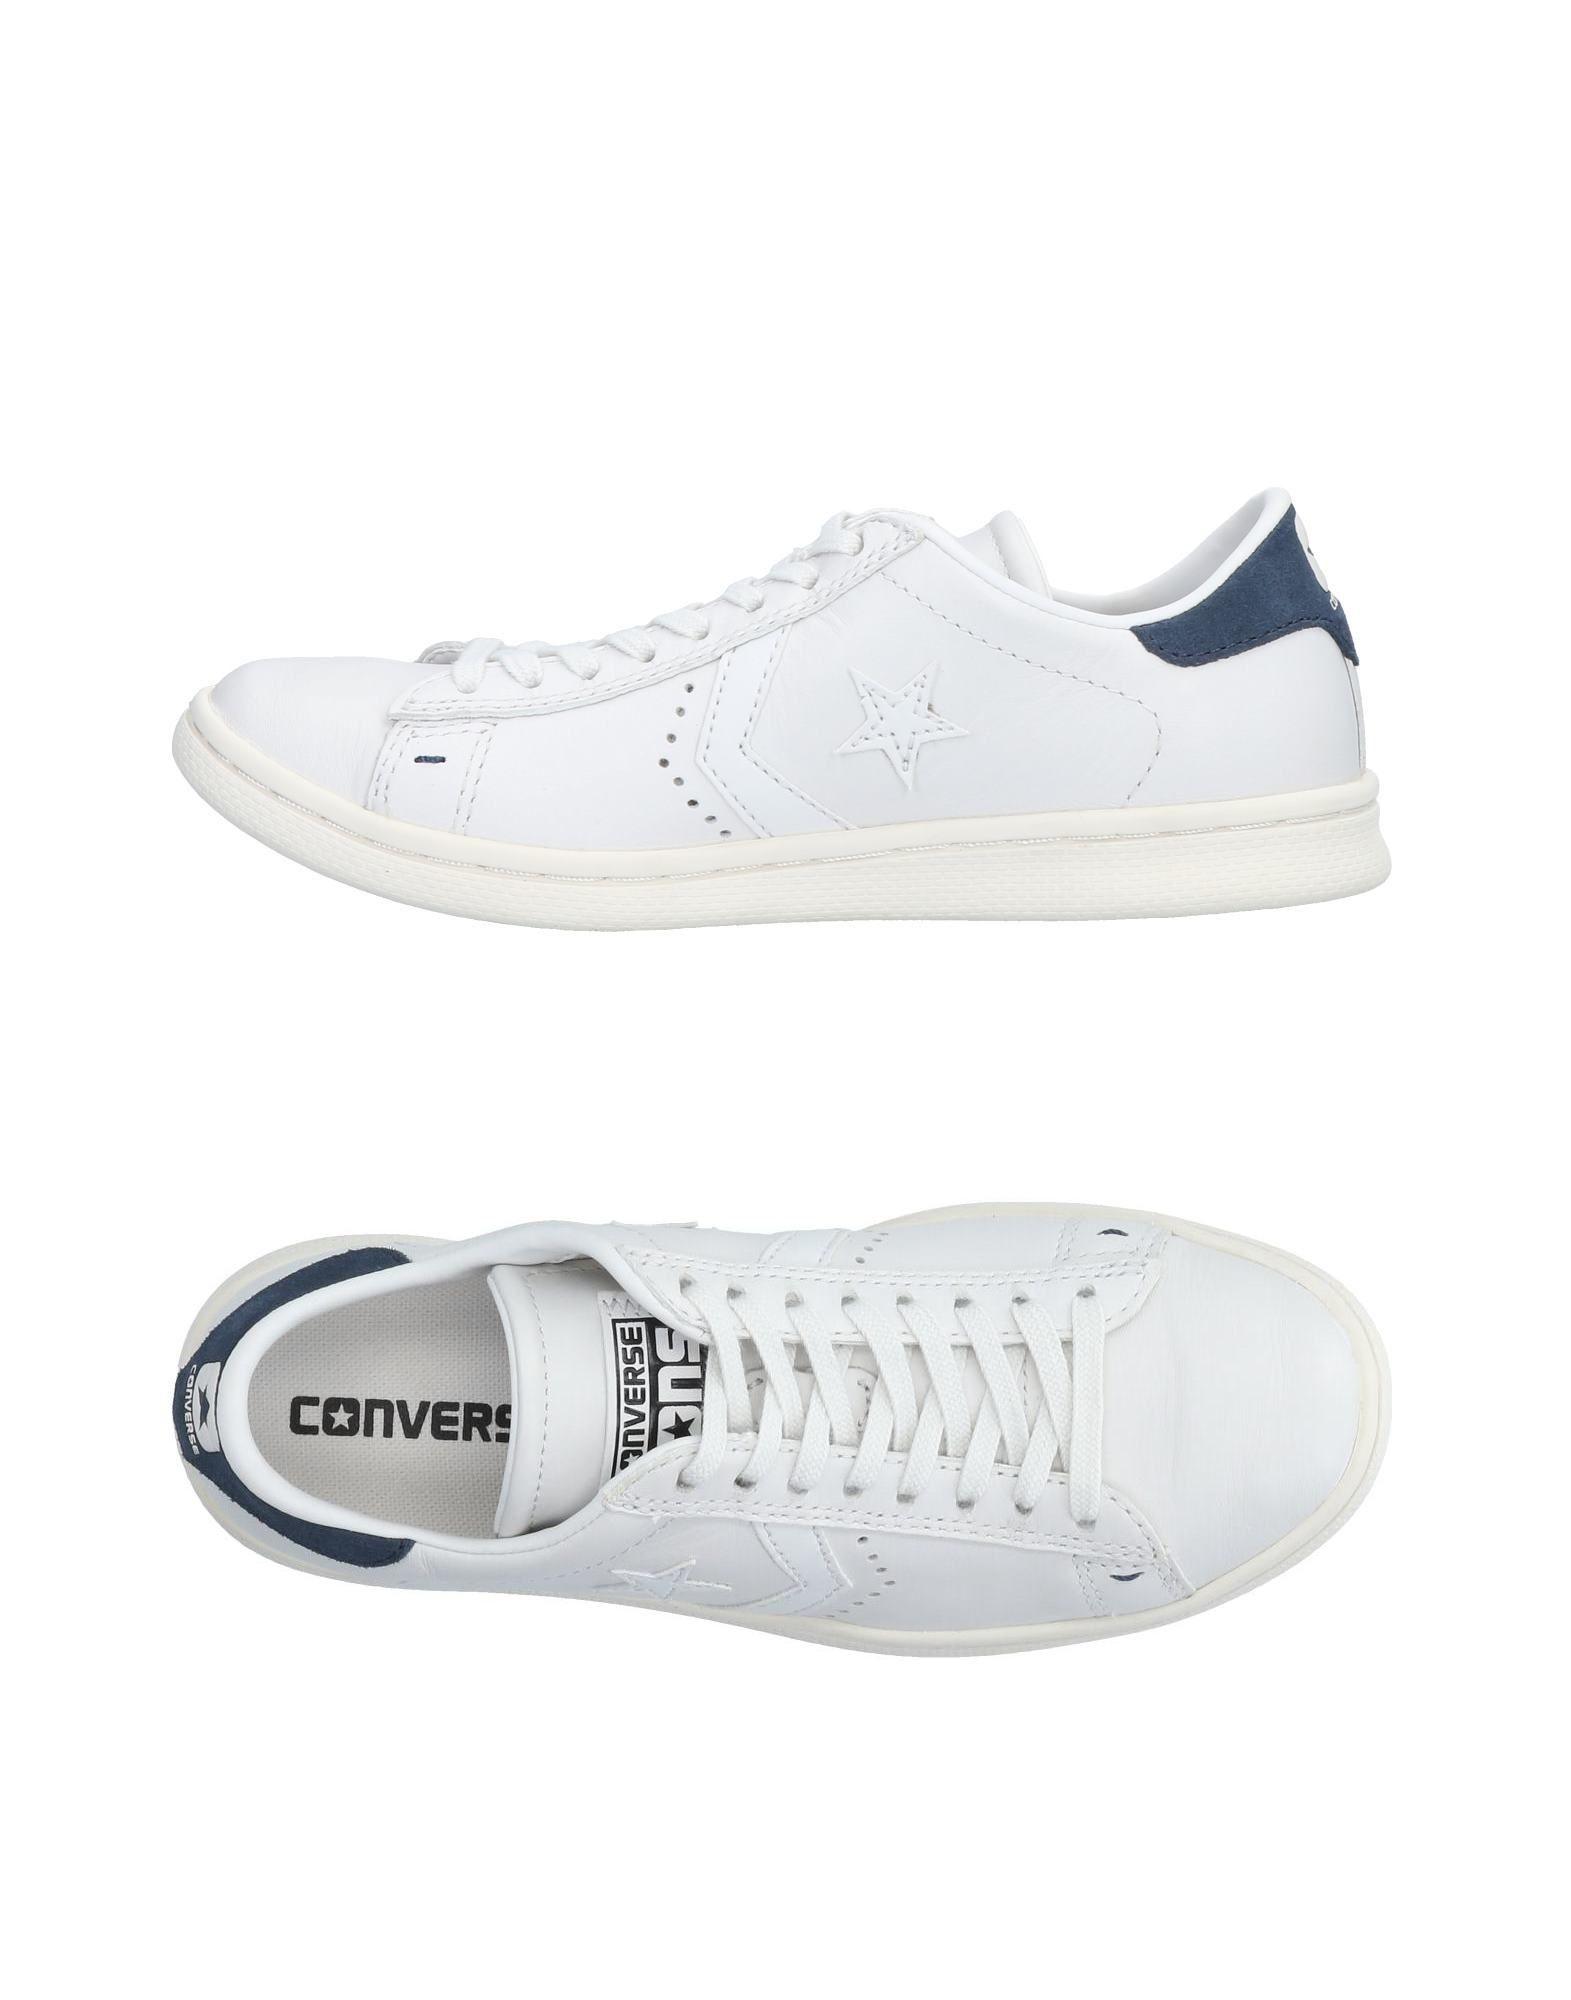 Converse Cons Sneakers Damen  11469627QN Gute Qualität beliebte Schuhe